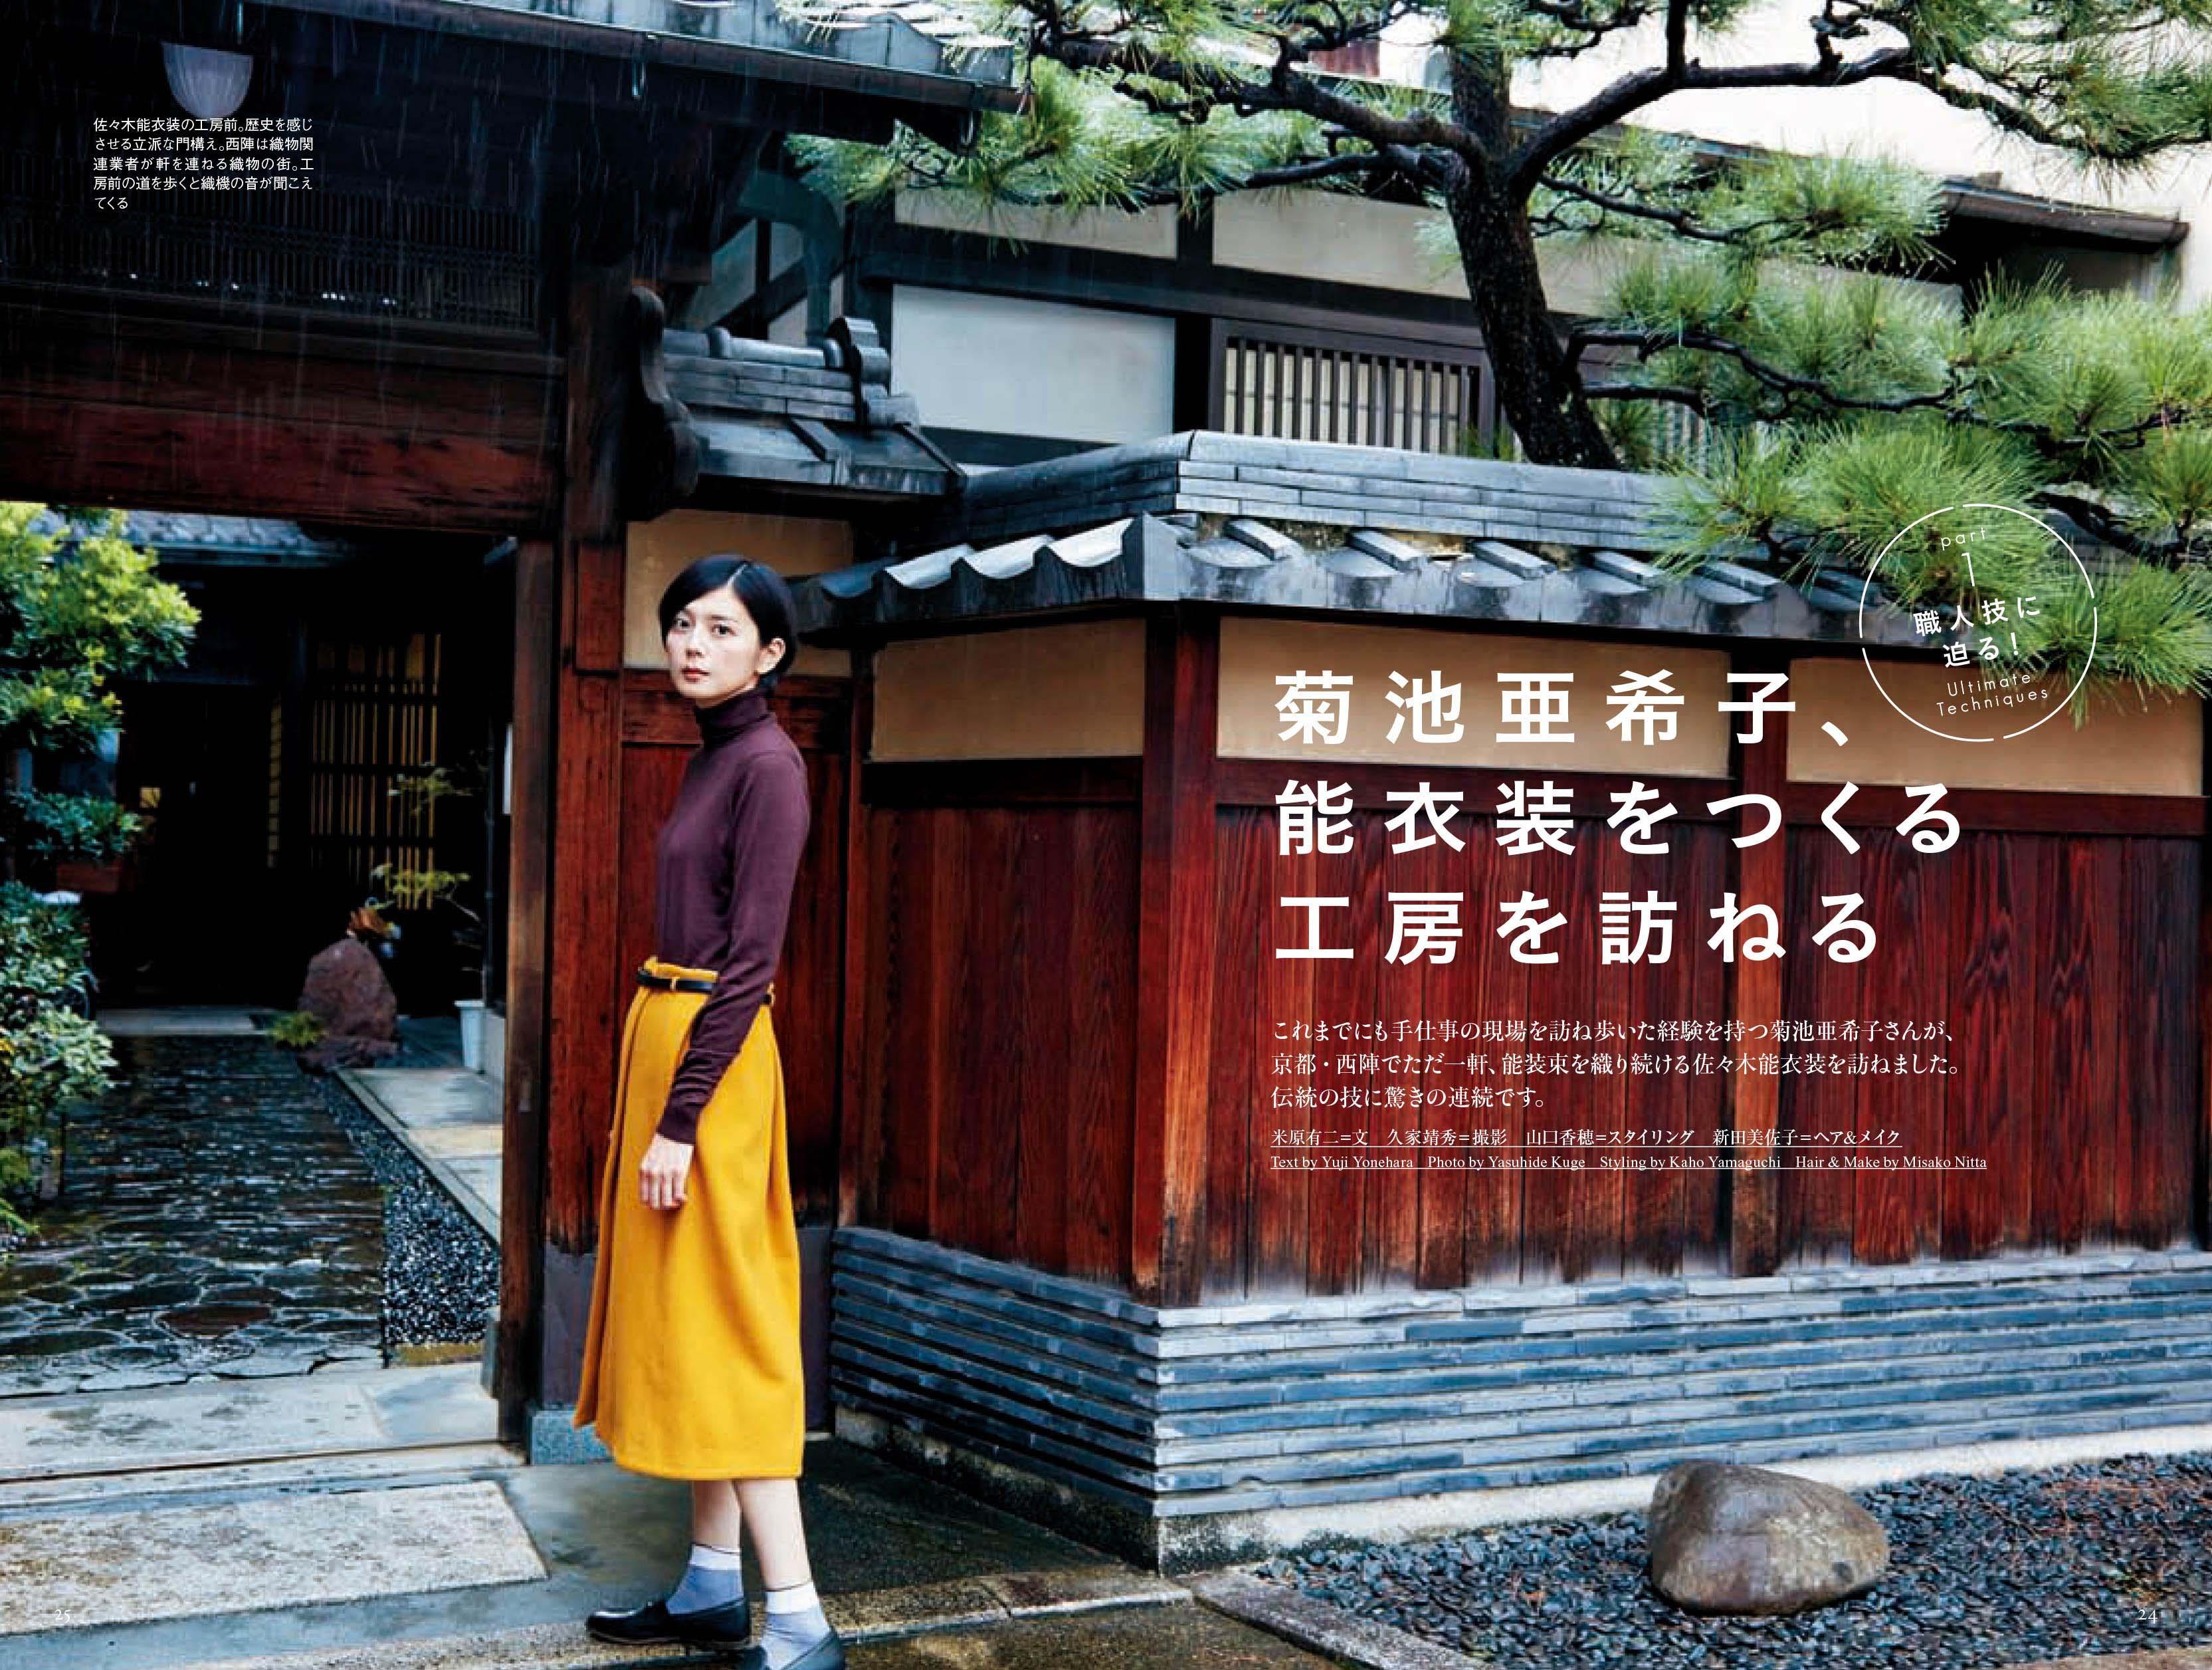 日本の超絶技巧に驚く!『美術手帖』11月号は京都の職人技を特集。菊池亜希子の能衣装工房見学も